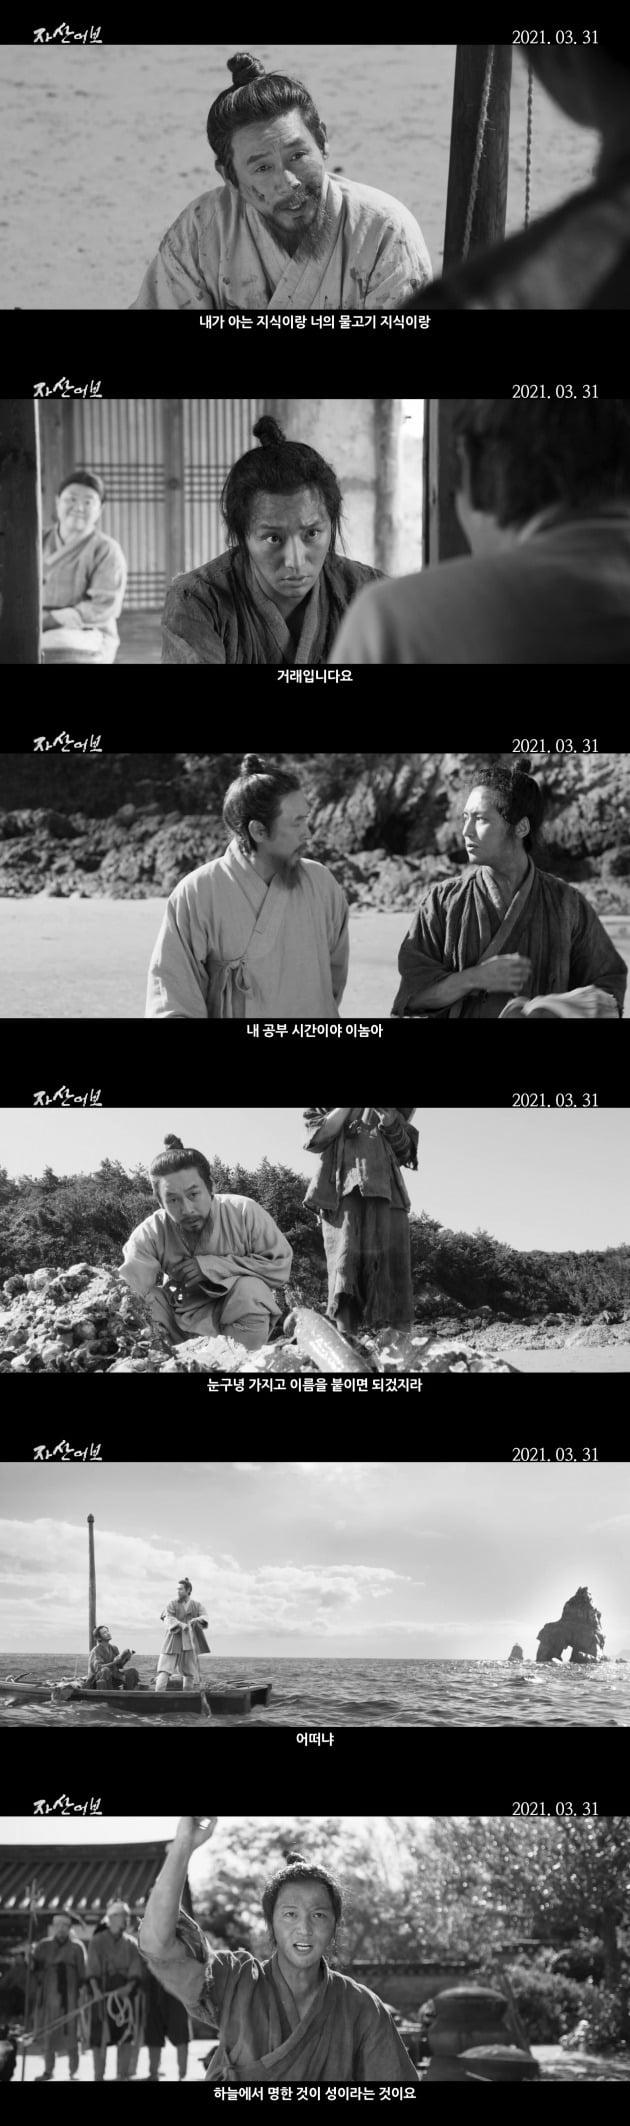 영화 '자산어보' 예고편 / 사진제공=메가박스중앙(주)플러스엠